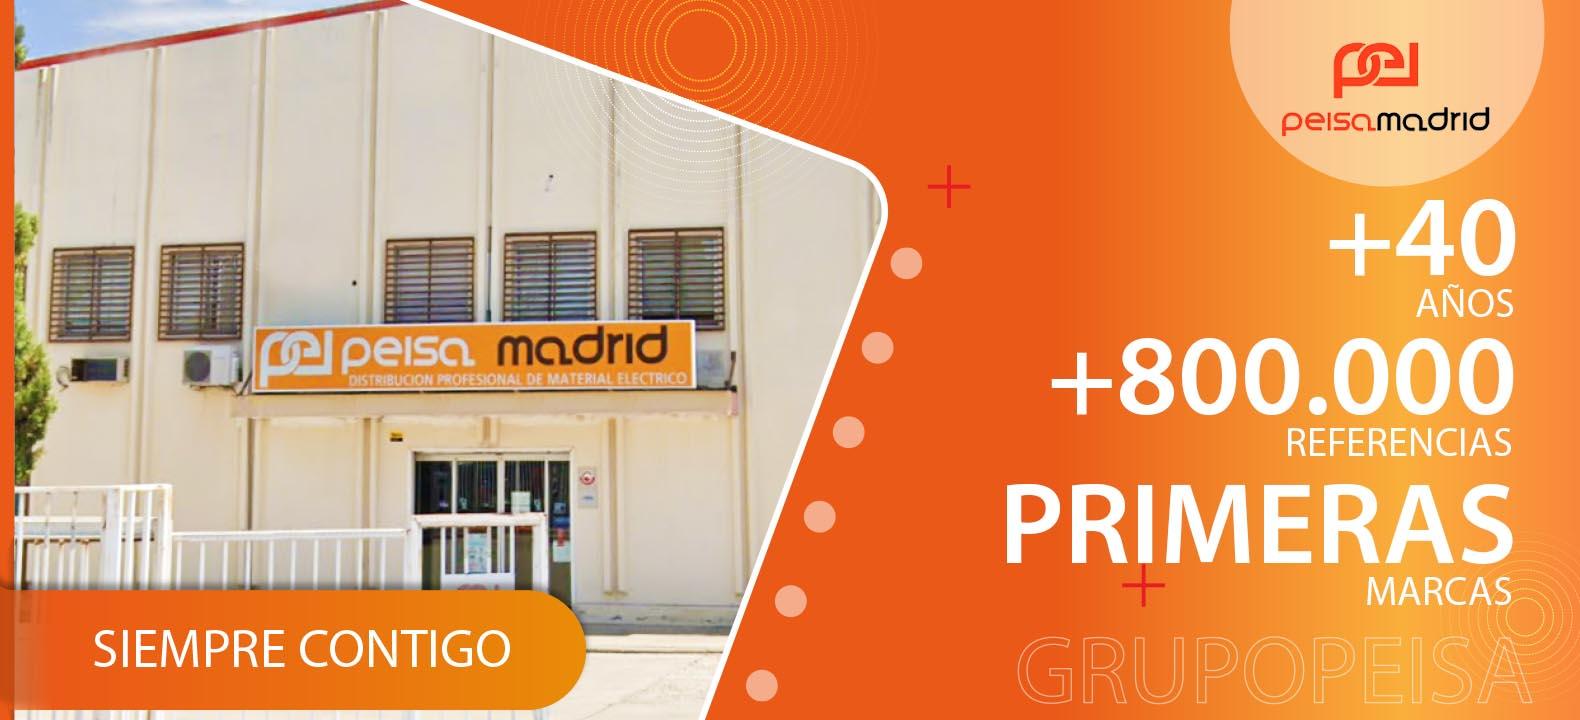 Almacén Distribuidor de Material Eléctrico Madrid